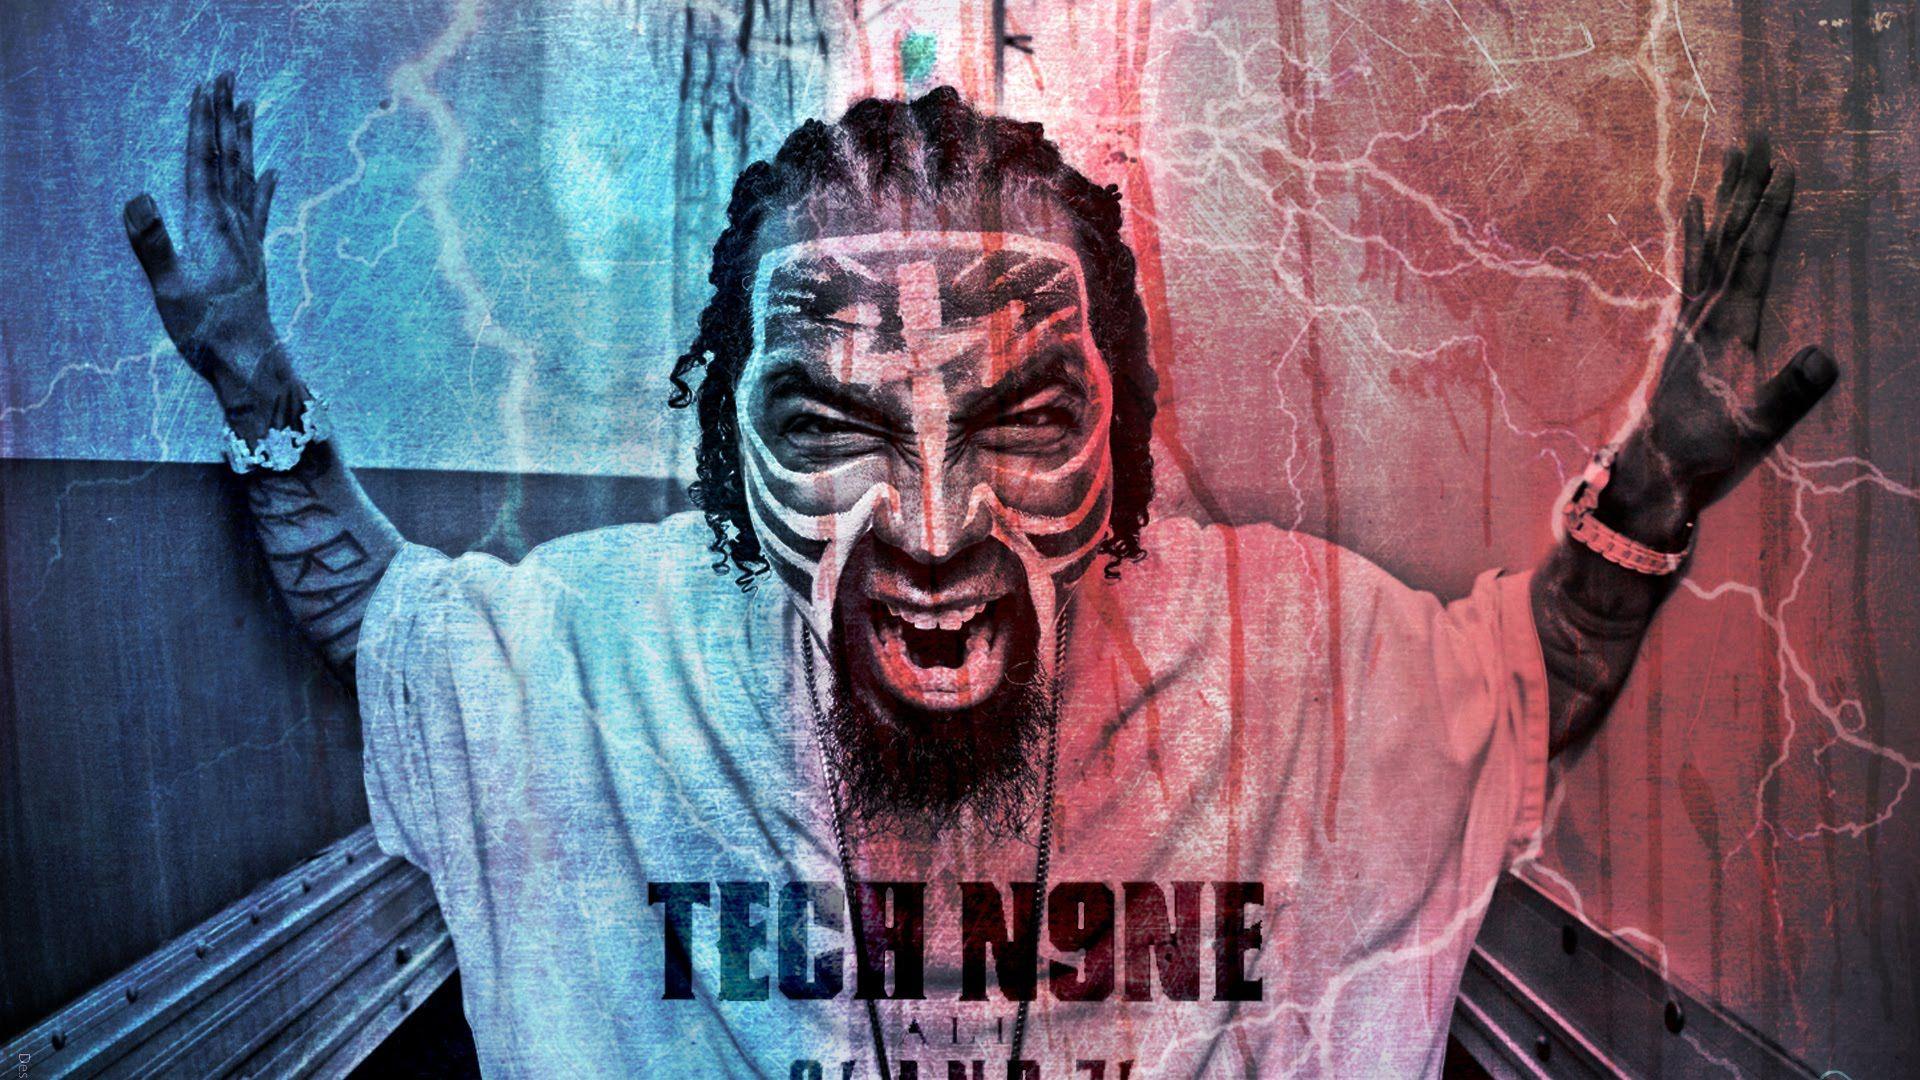 Tech N9ne Type Beats Tech n9ne, Strange music, Rap beats